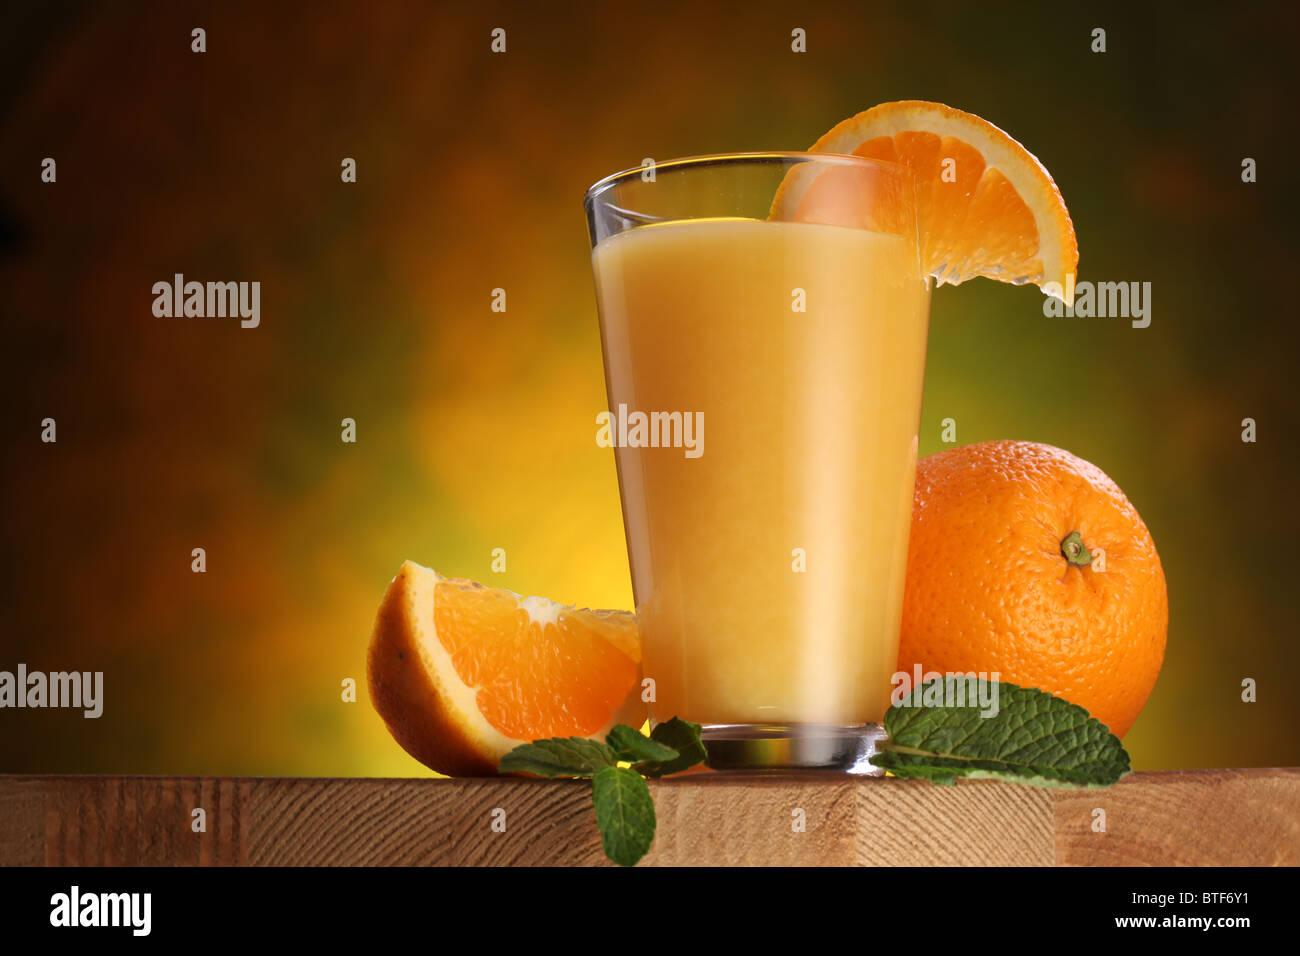 Stillleben: Orangen und Glas Saft auf einem Holztisch. Stockbild